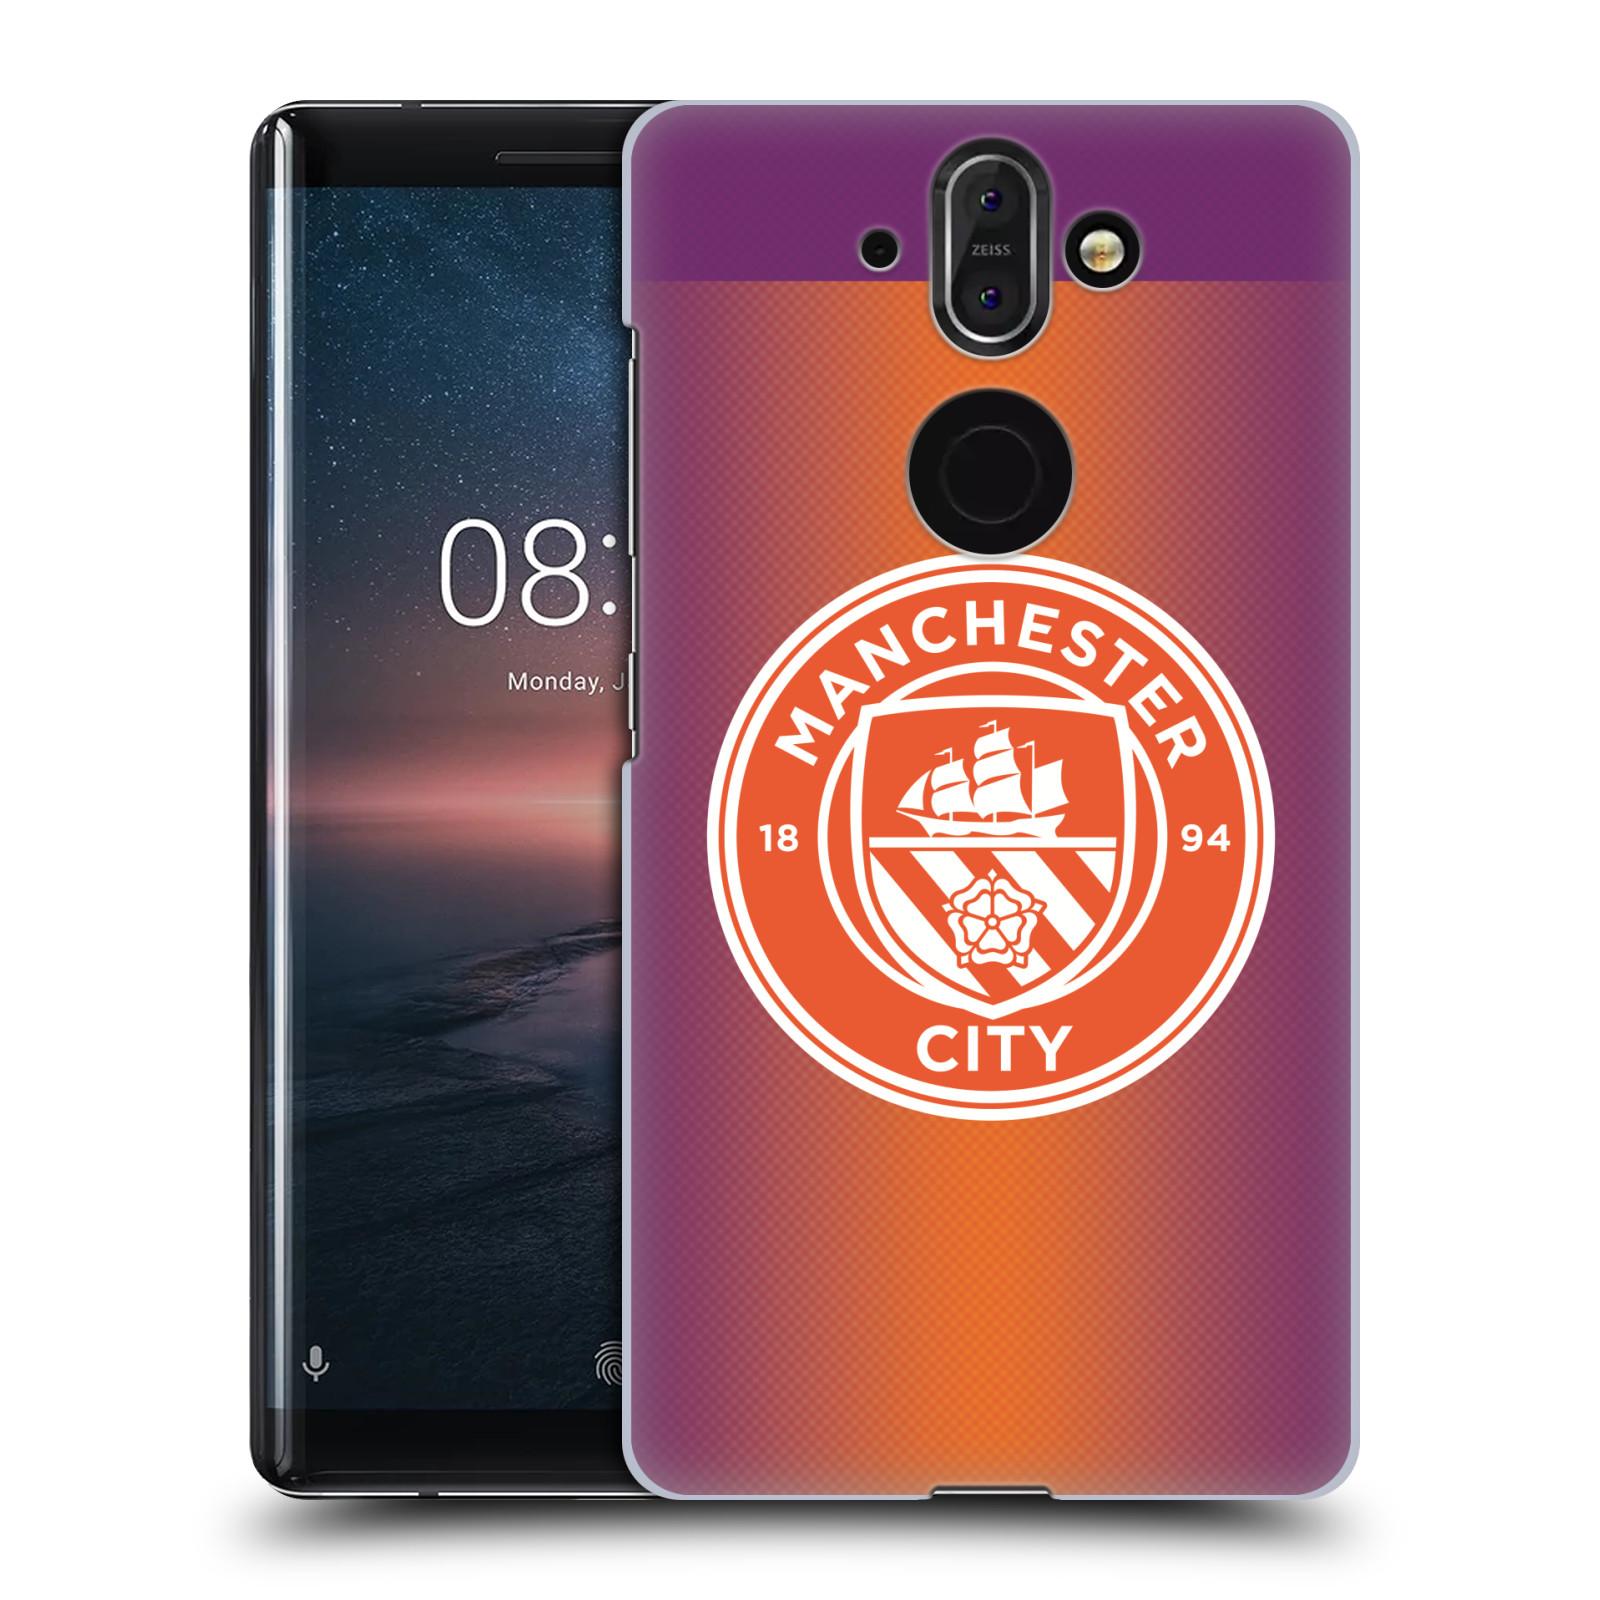 Plastové pouzdro na mobil Nokia 8 Sirocco - Head Case - Manchester City FC - Oranžové nové logo